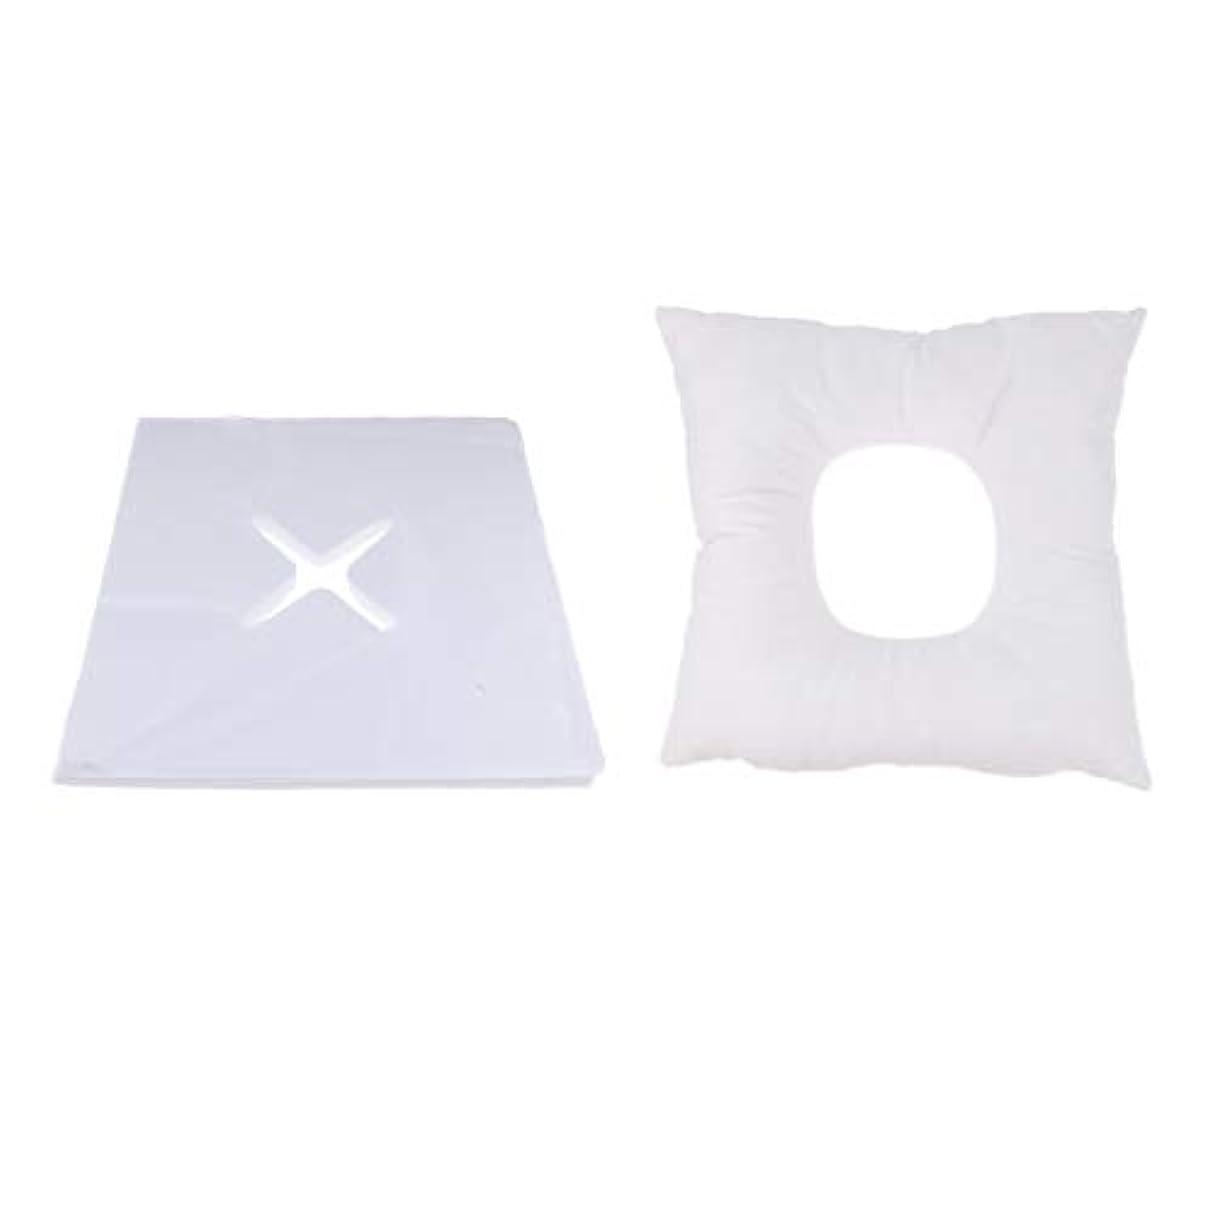 樫の木メモアソシエイトマッサージ枕 顔枕 フェイスマット フェイスピロー 200個使い捨てカバー付 マッサージテーブル用 快適